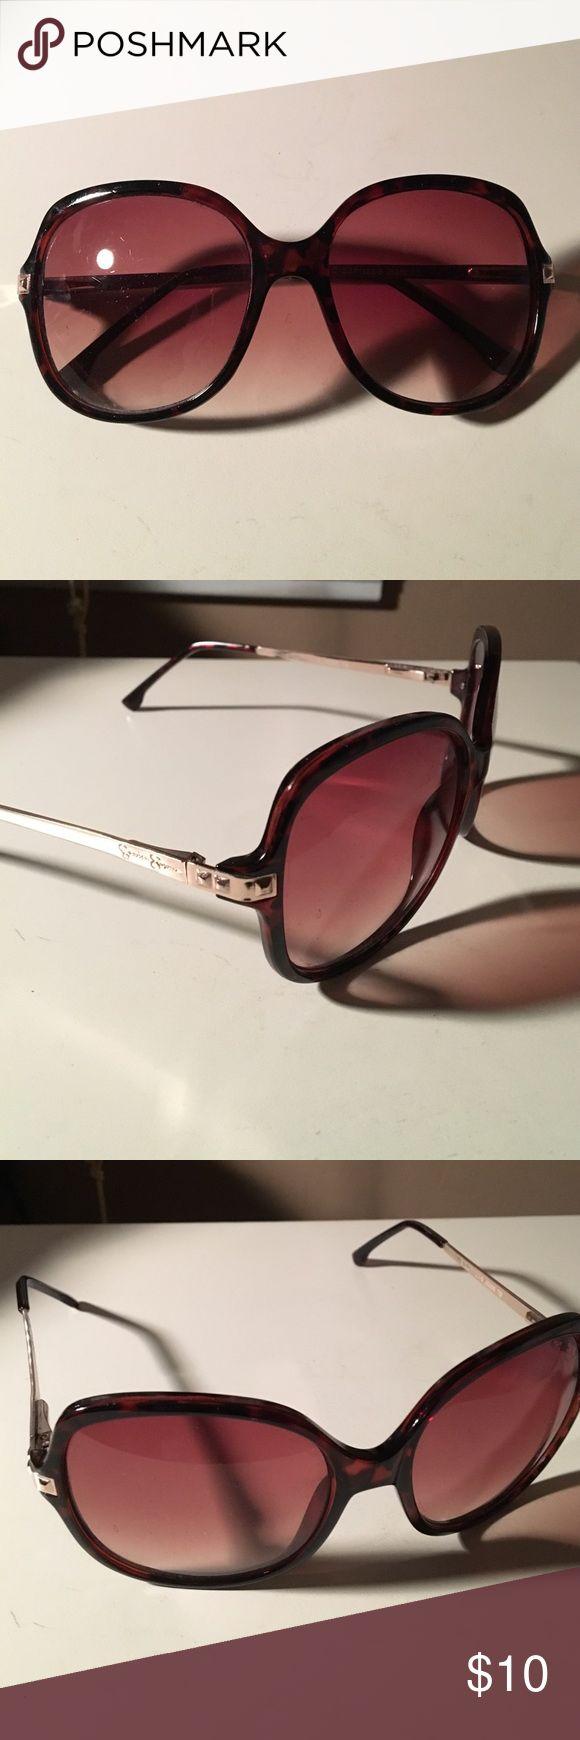 Tortoise sunglasses Jessica Simpson tortoise shell sunglasses Jessica Simpson Accessories Sunglasses